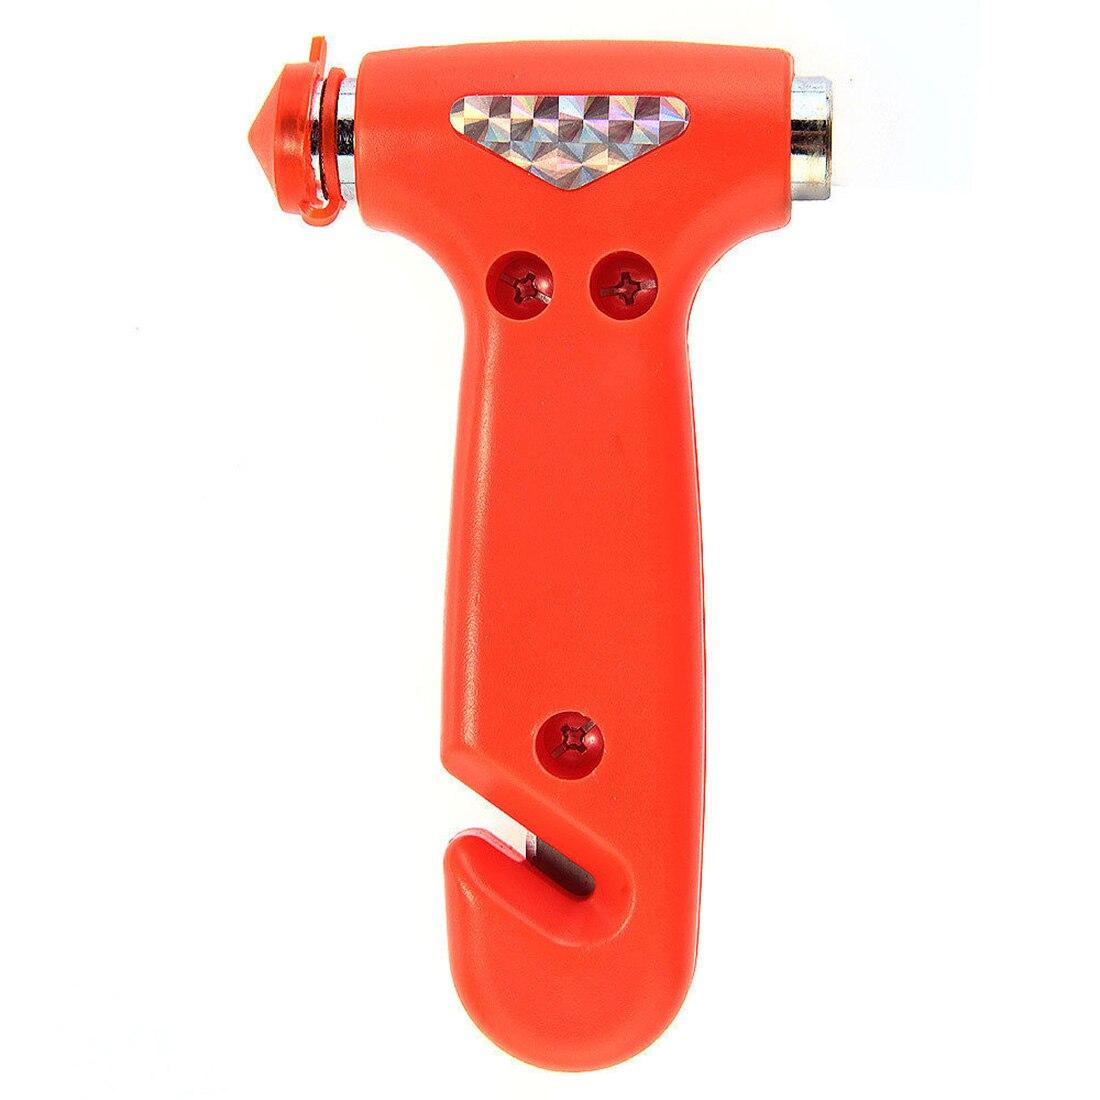 Window Breaker Escape Tool Hot Sale Car Emergency Hammer Seatbelt Cutter Mini